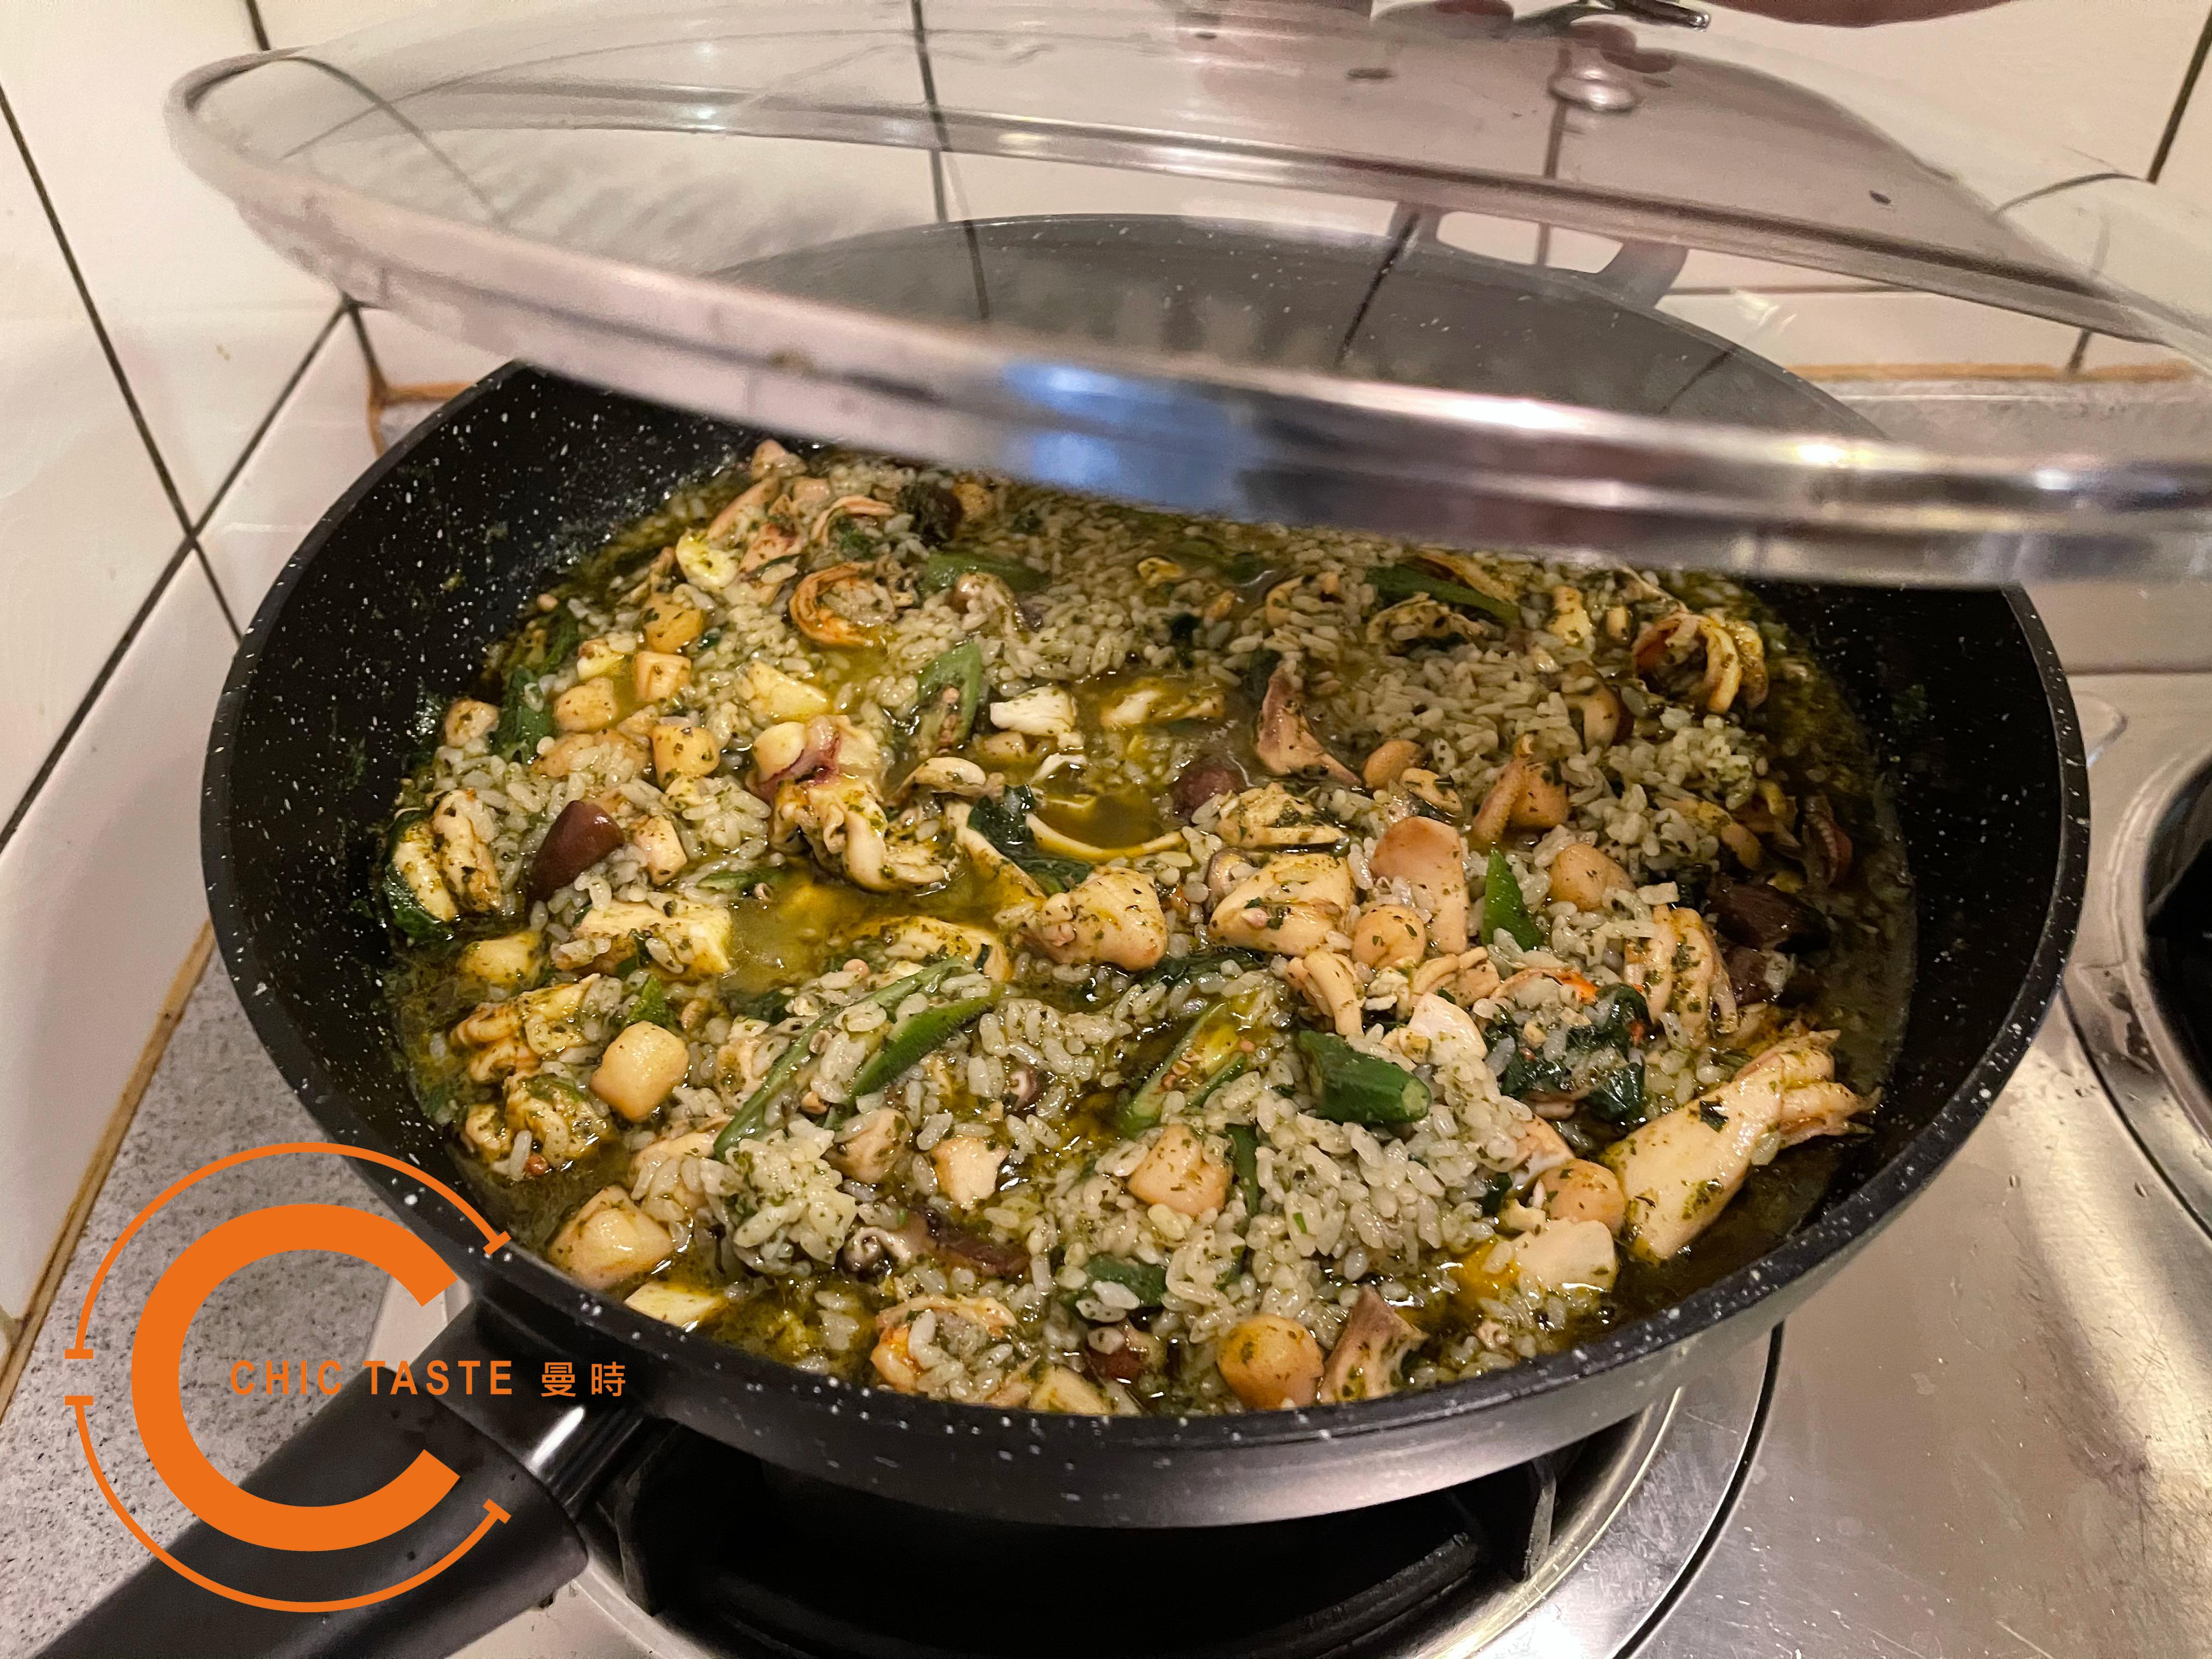 曼時創意食譜-青醬葵菇海鮮燉飯6.jpg